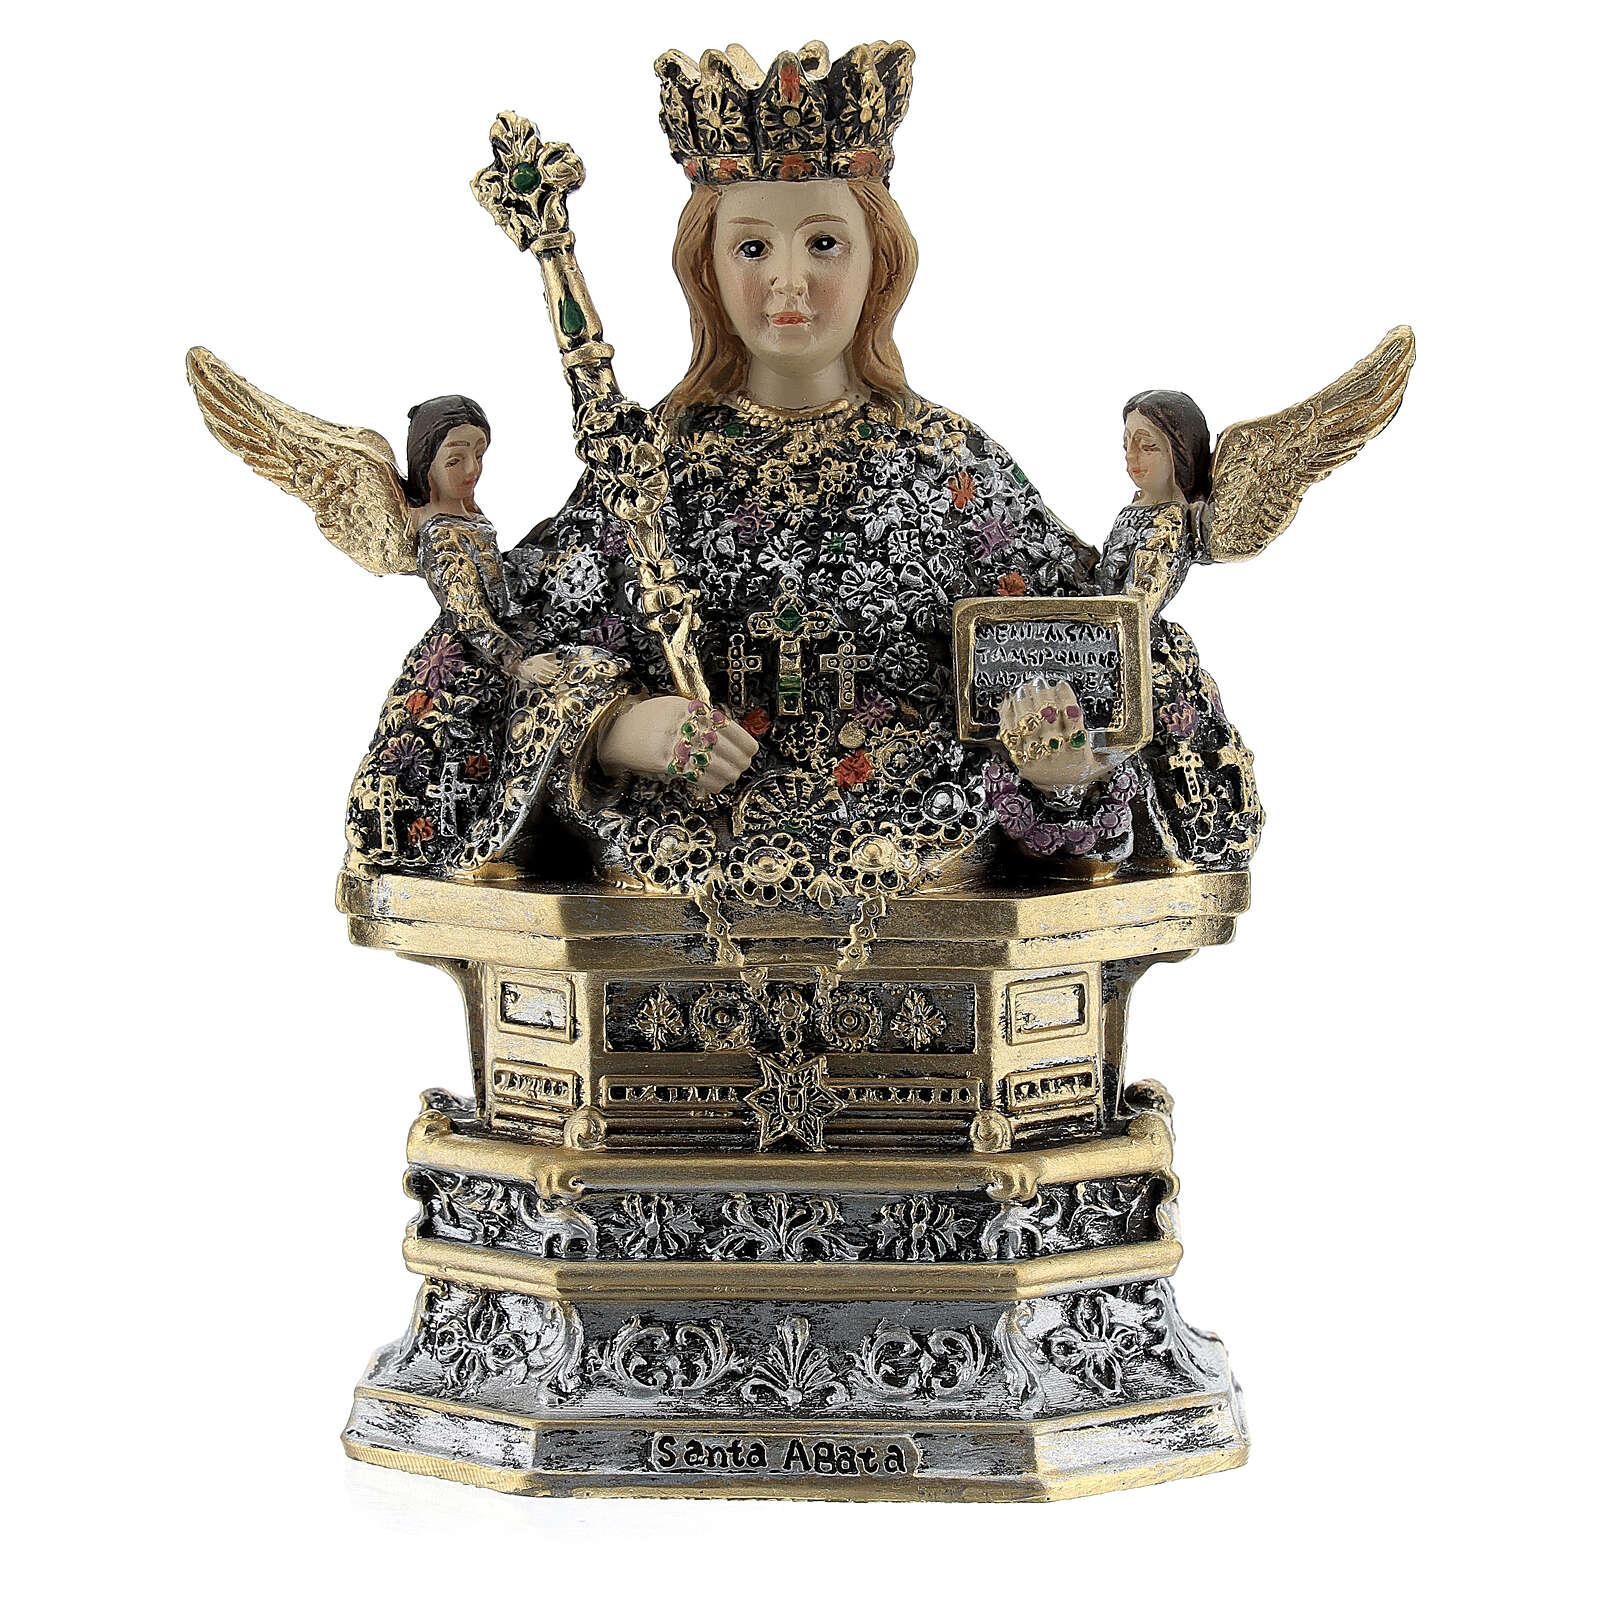 Santa Ágata busto resina coloreada 10x10x5 cm 4